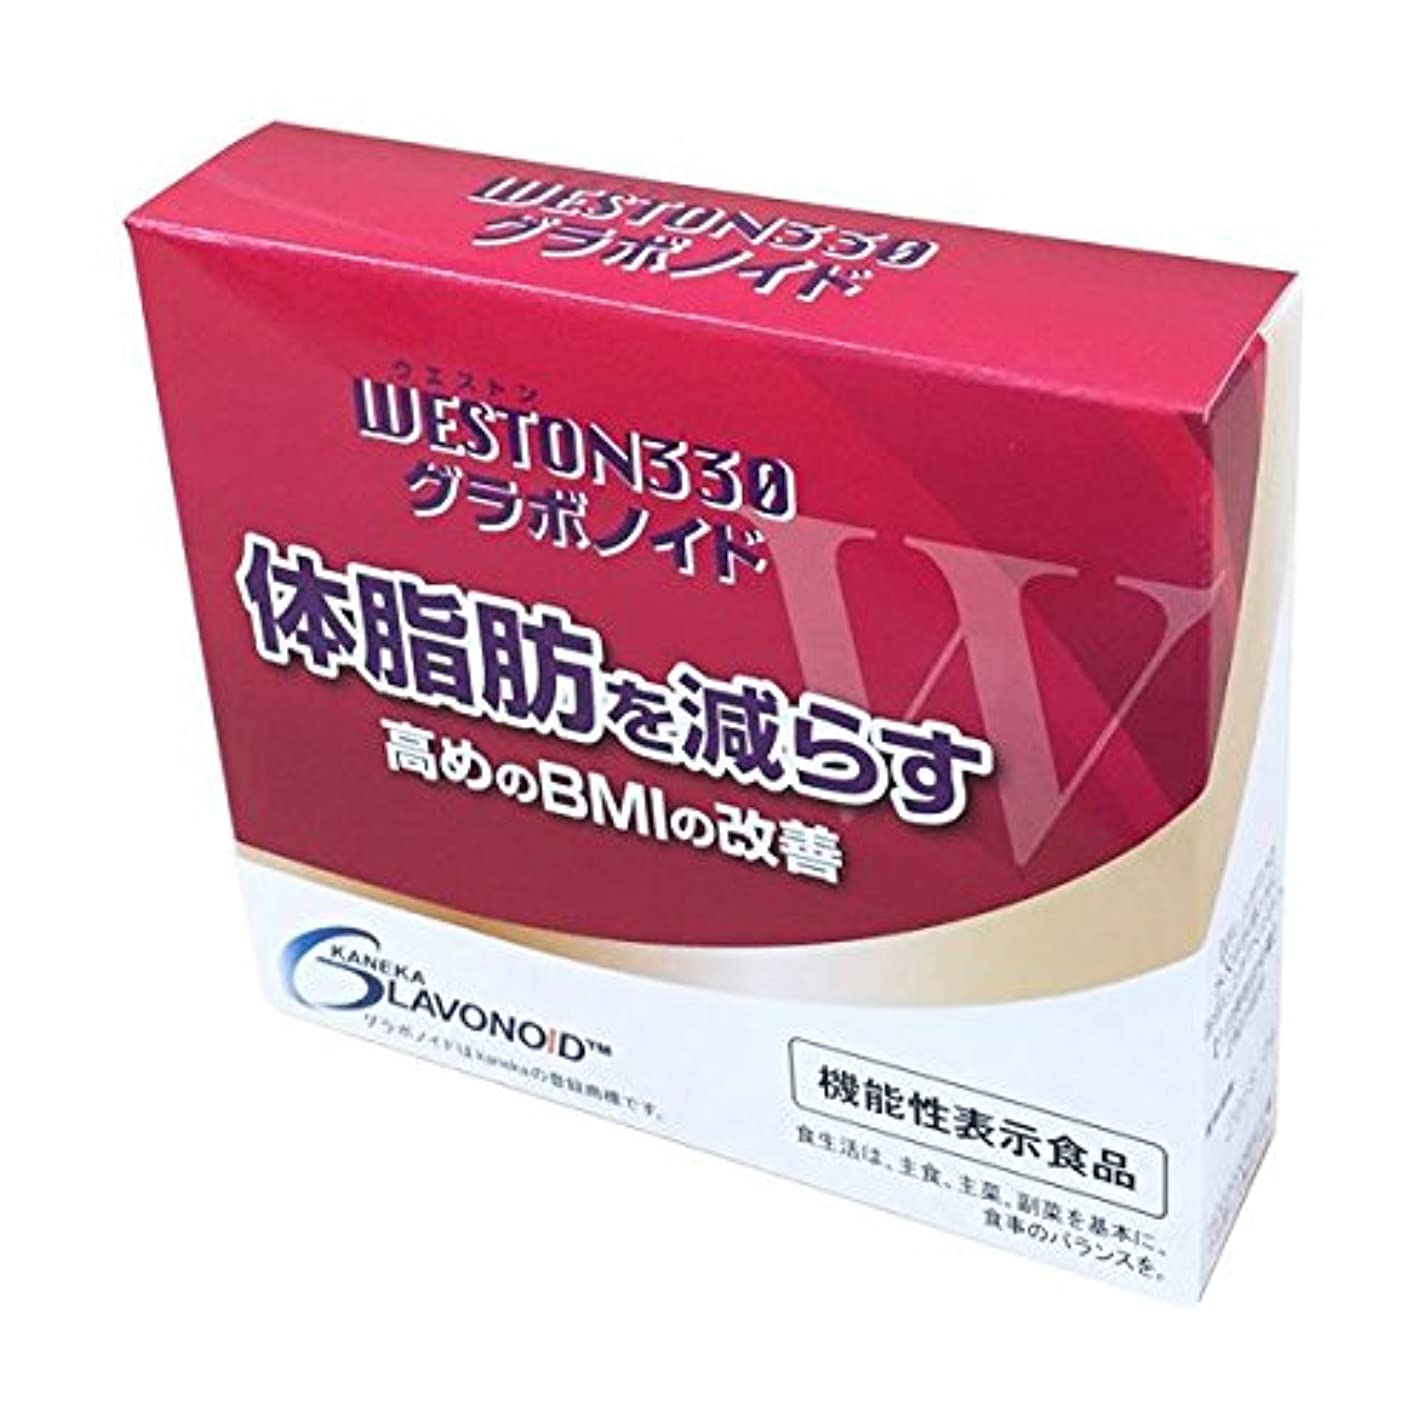 予備推進取得リマックスジャパン WESTON330 60粒 (30日分) x2箱 [機能性表示食品]